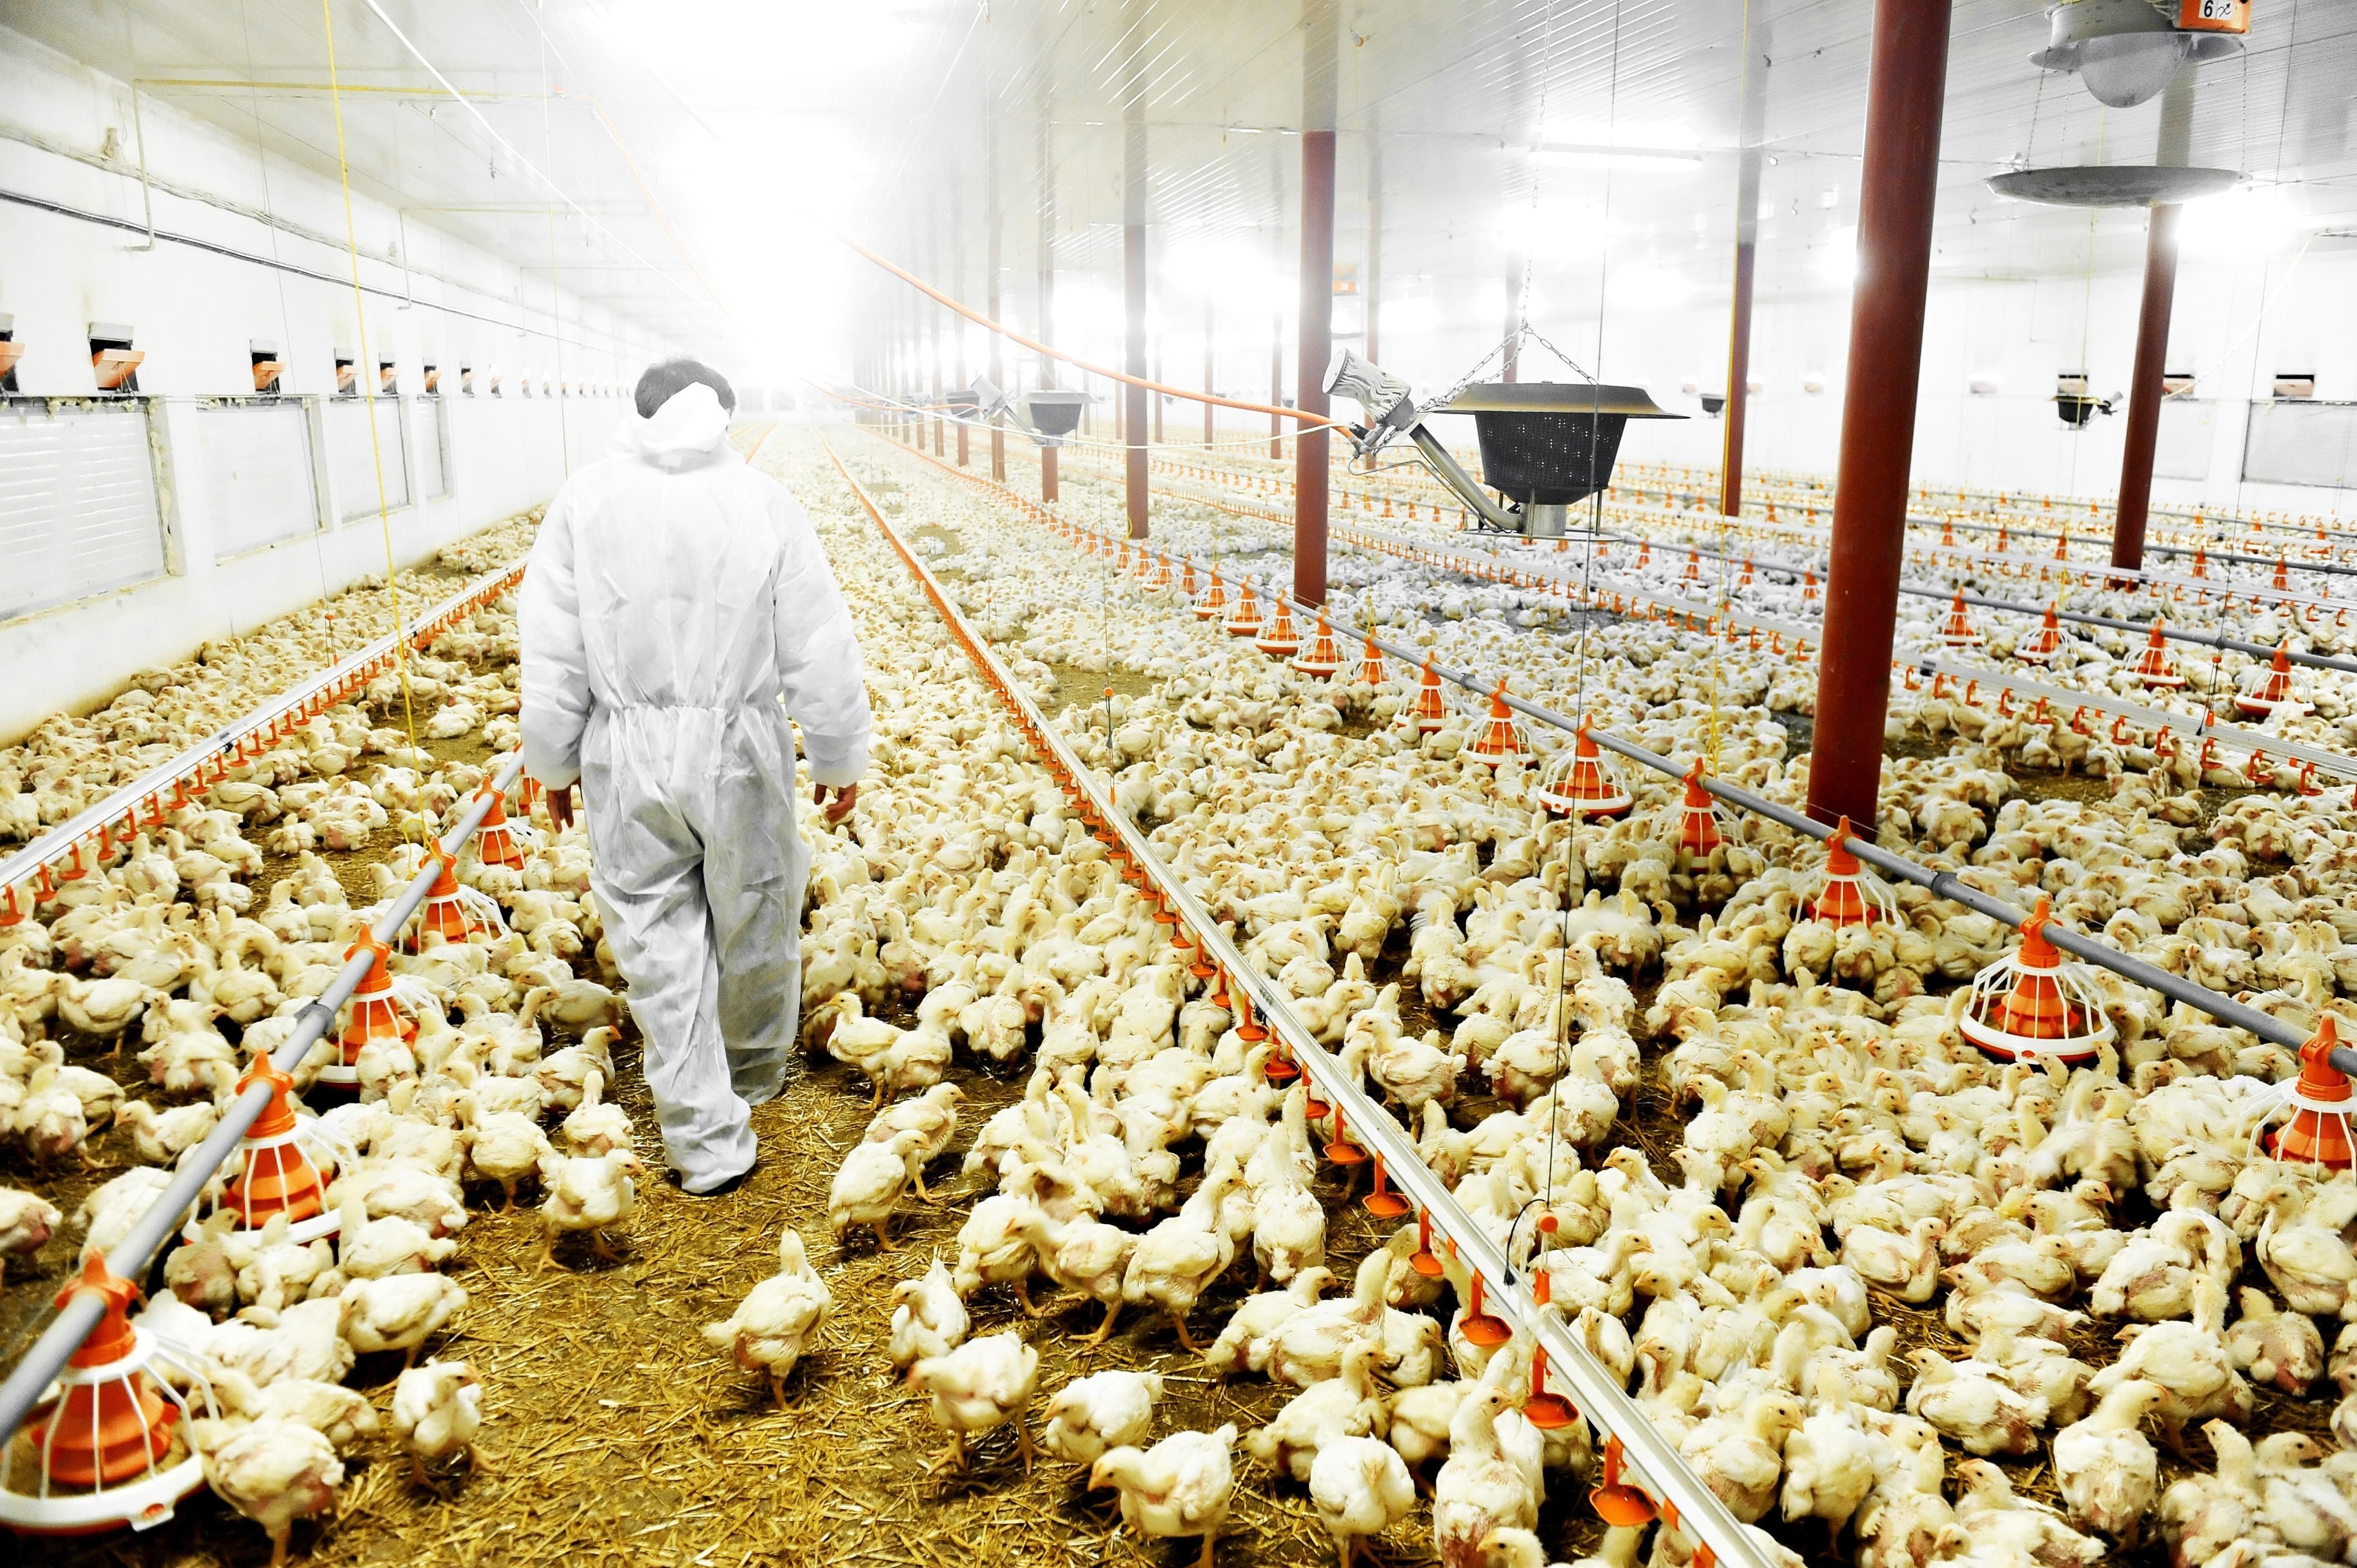 VegNews.ChickenFactoryFarm